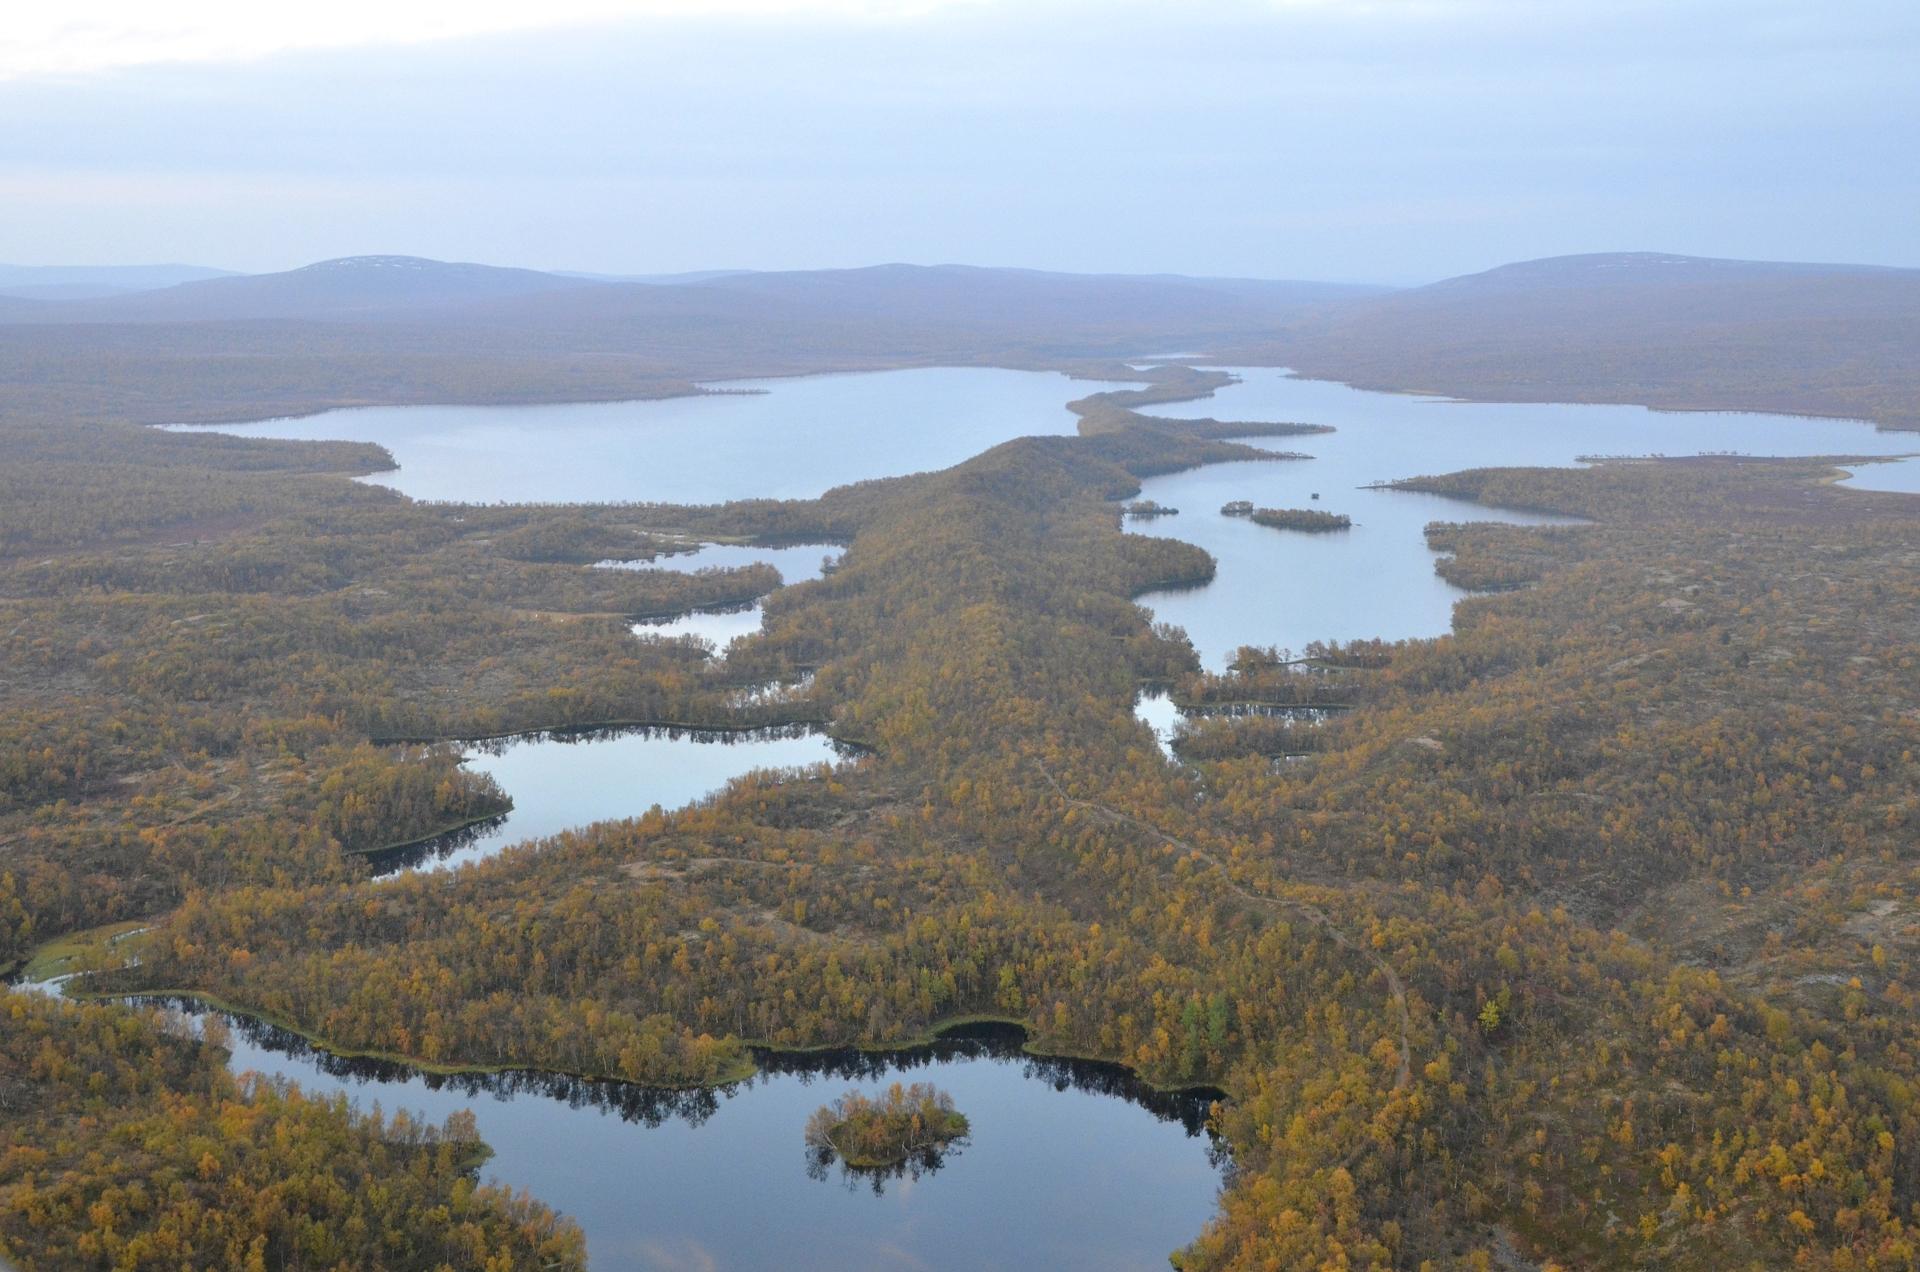 Luomusjärven keskellä on harjanne, jota pitkin Kevon patikointireitti etenee.